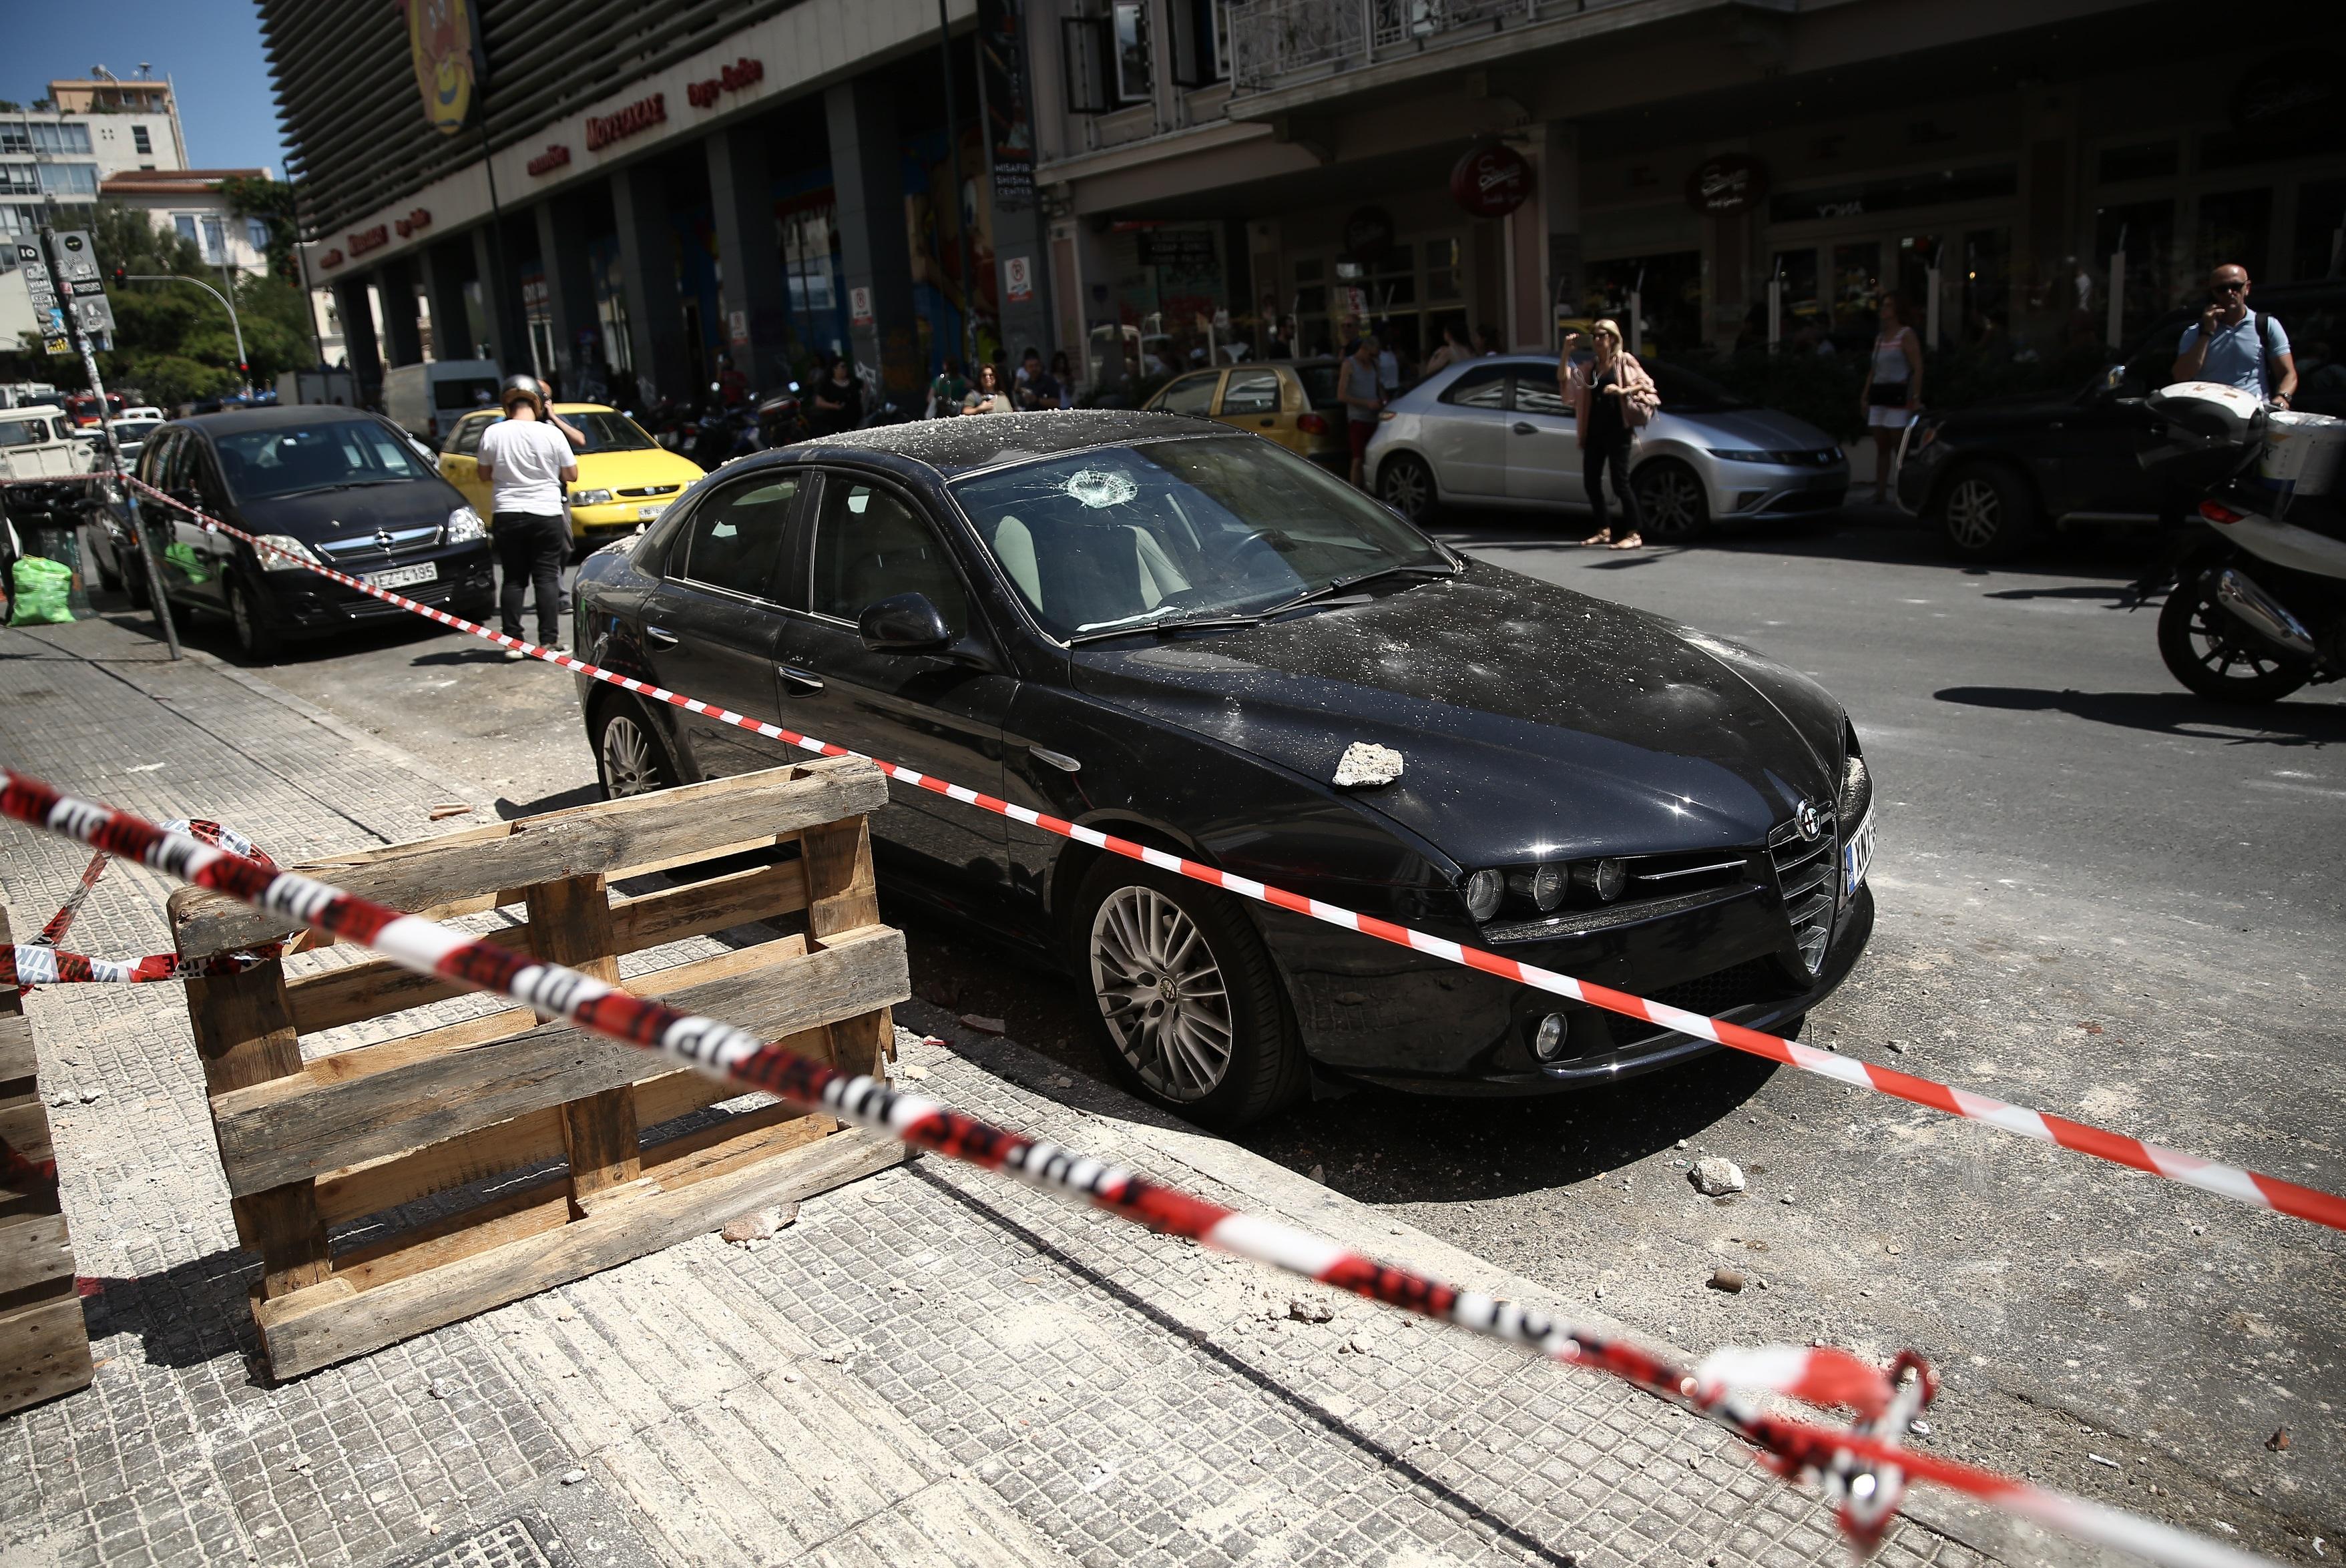 Σεισμός στην Αθήνα: Που προκλήθηκαν ζημιές από τα 5,1 Ρίχτερ!